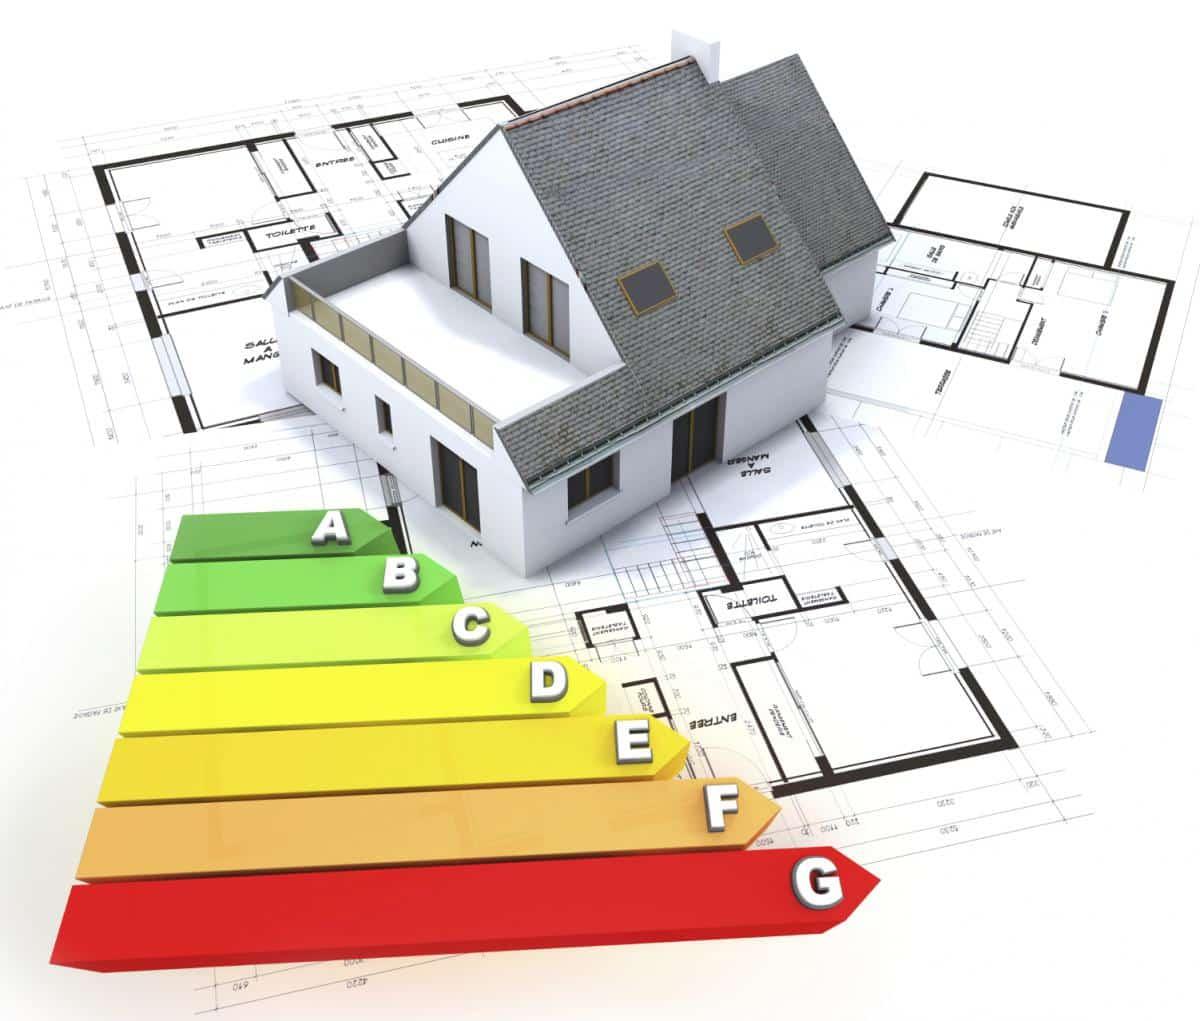 Der Energieausweis (certificado de eficencia energética) auf Mallorca